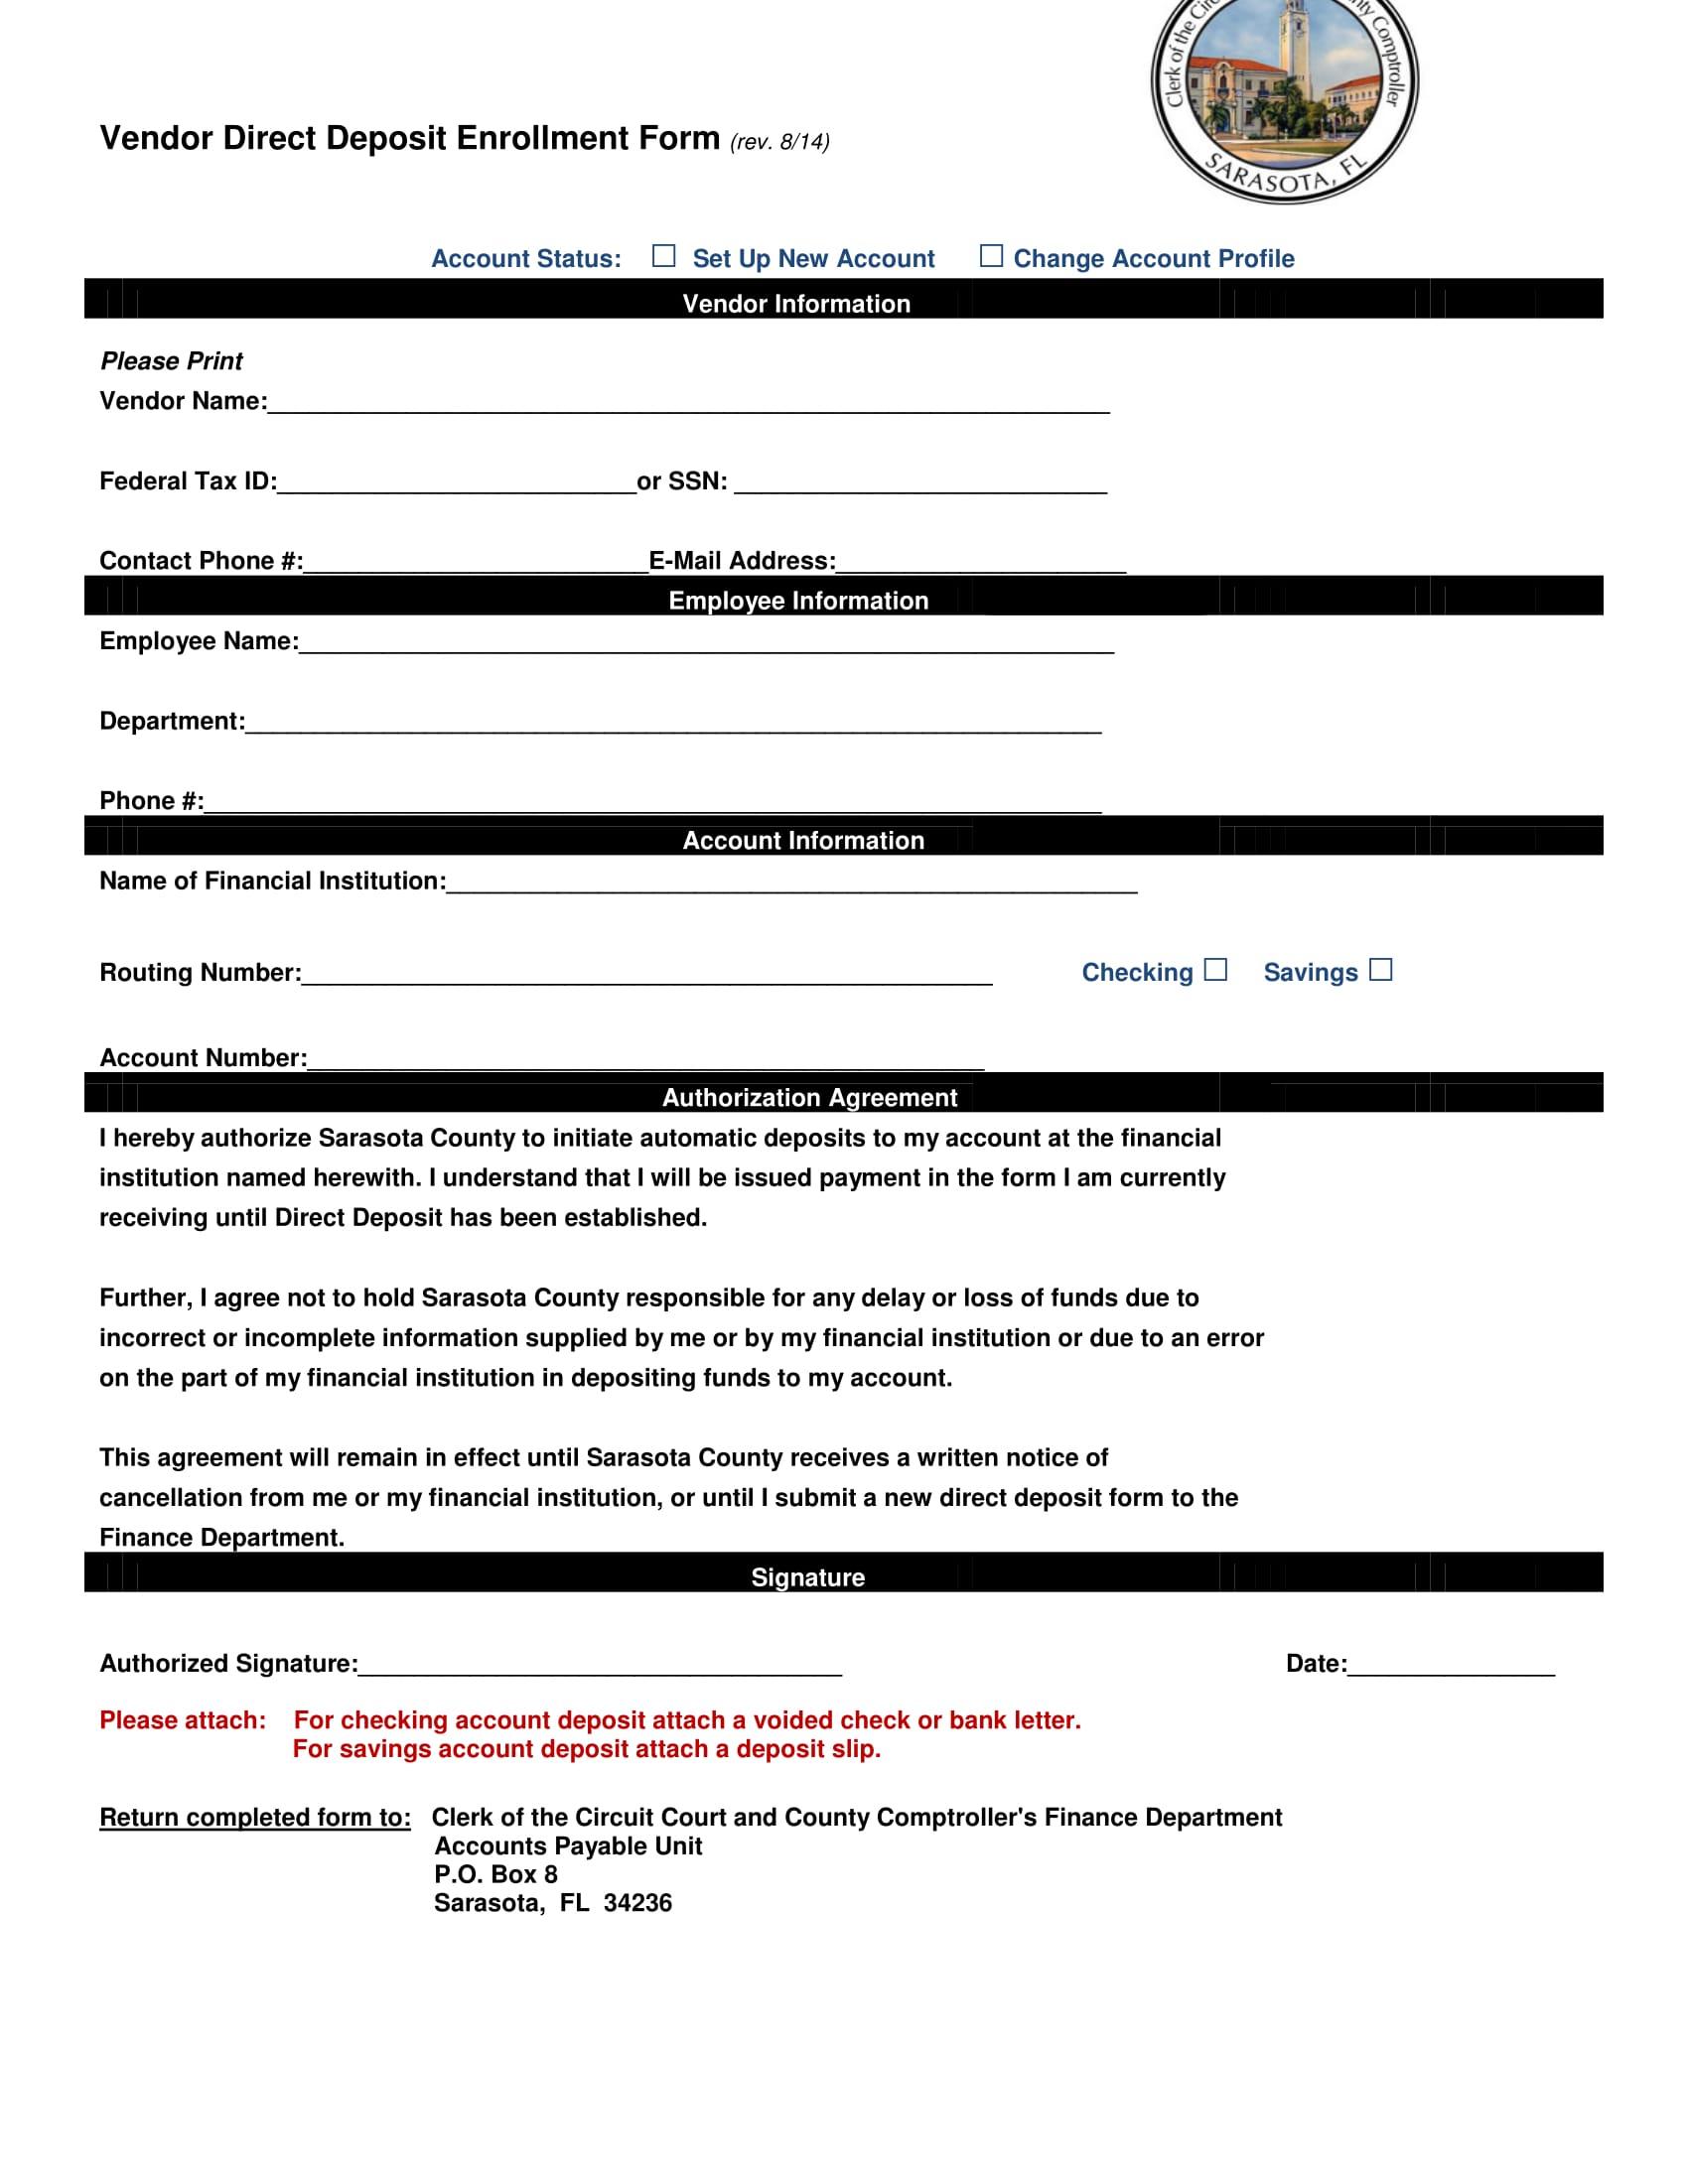 vendor direct deposit enrollment form 1